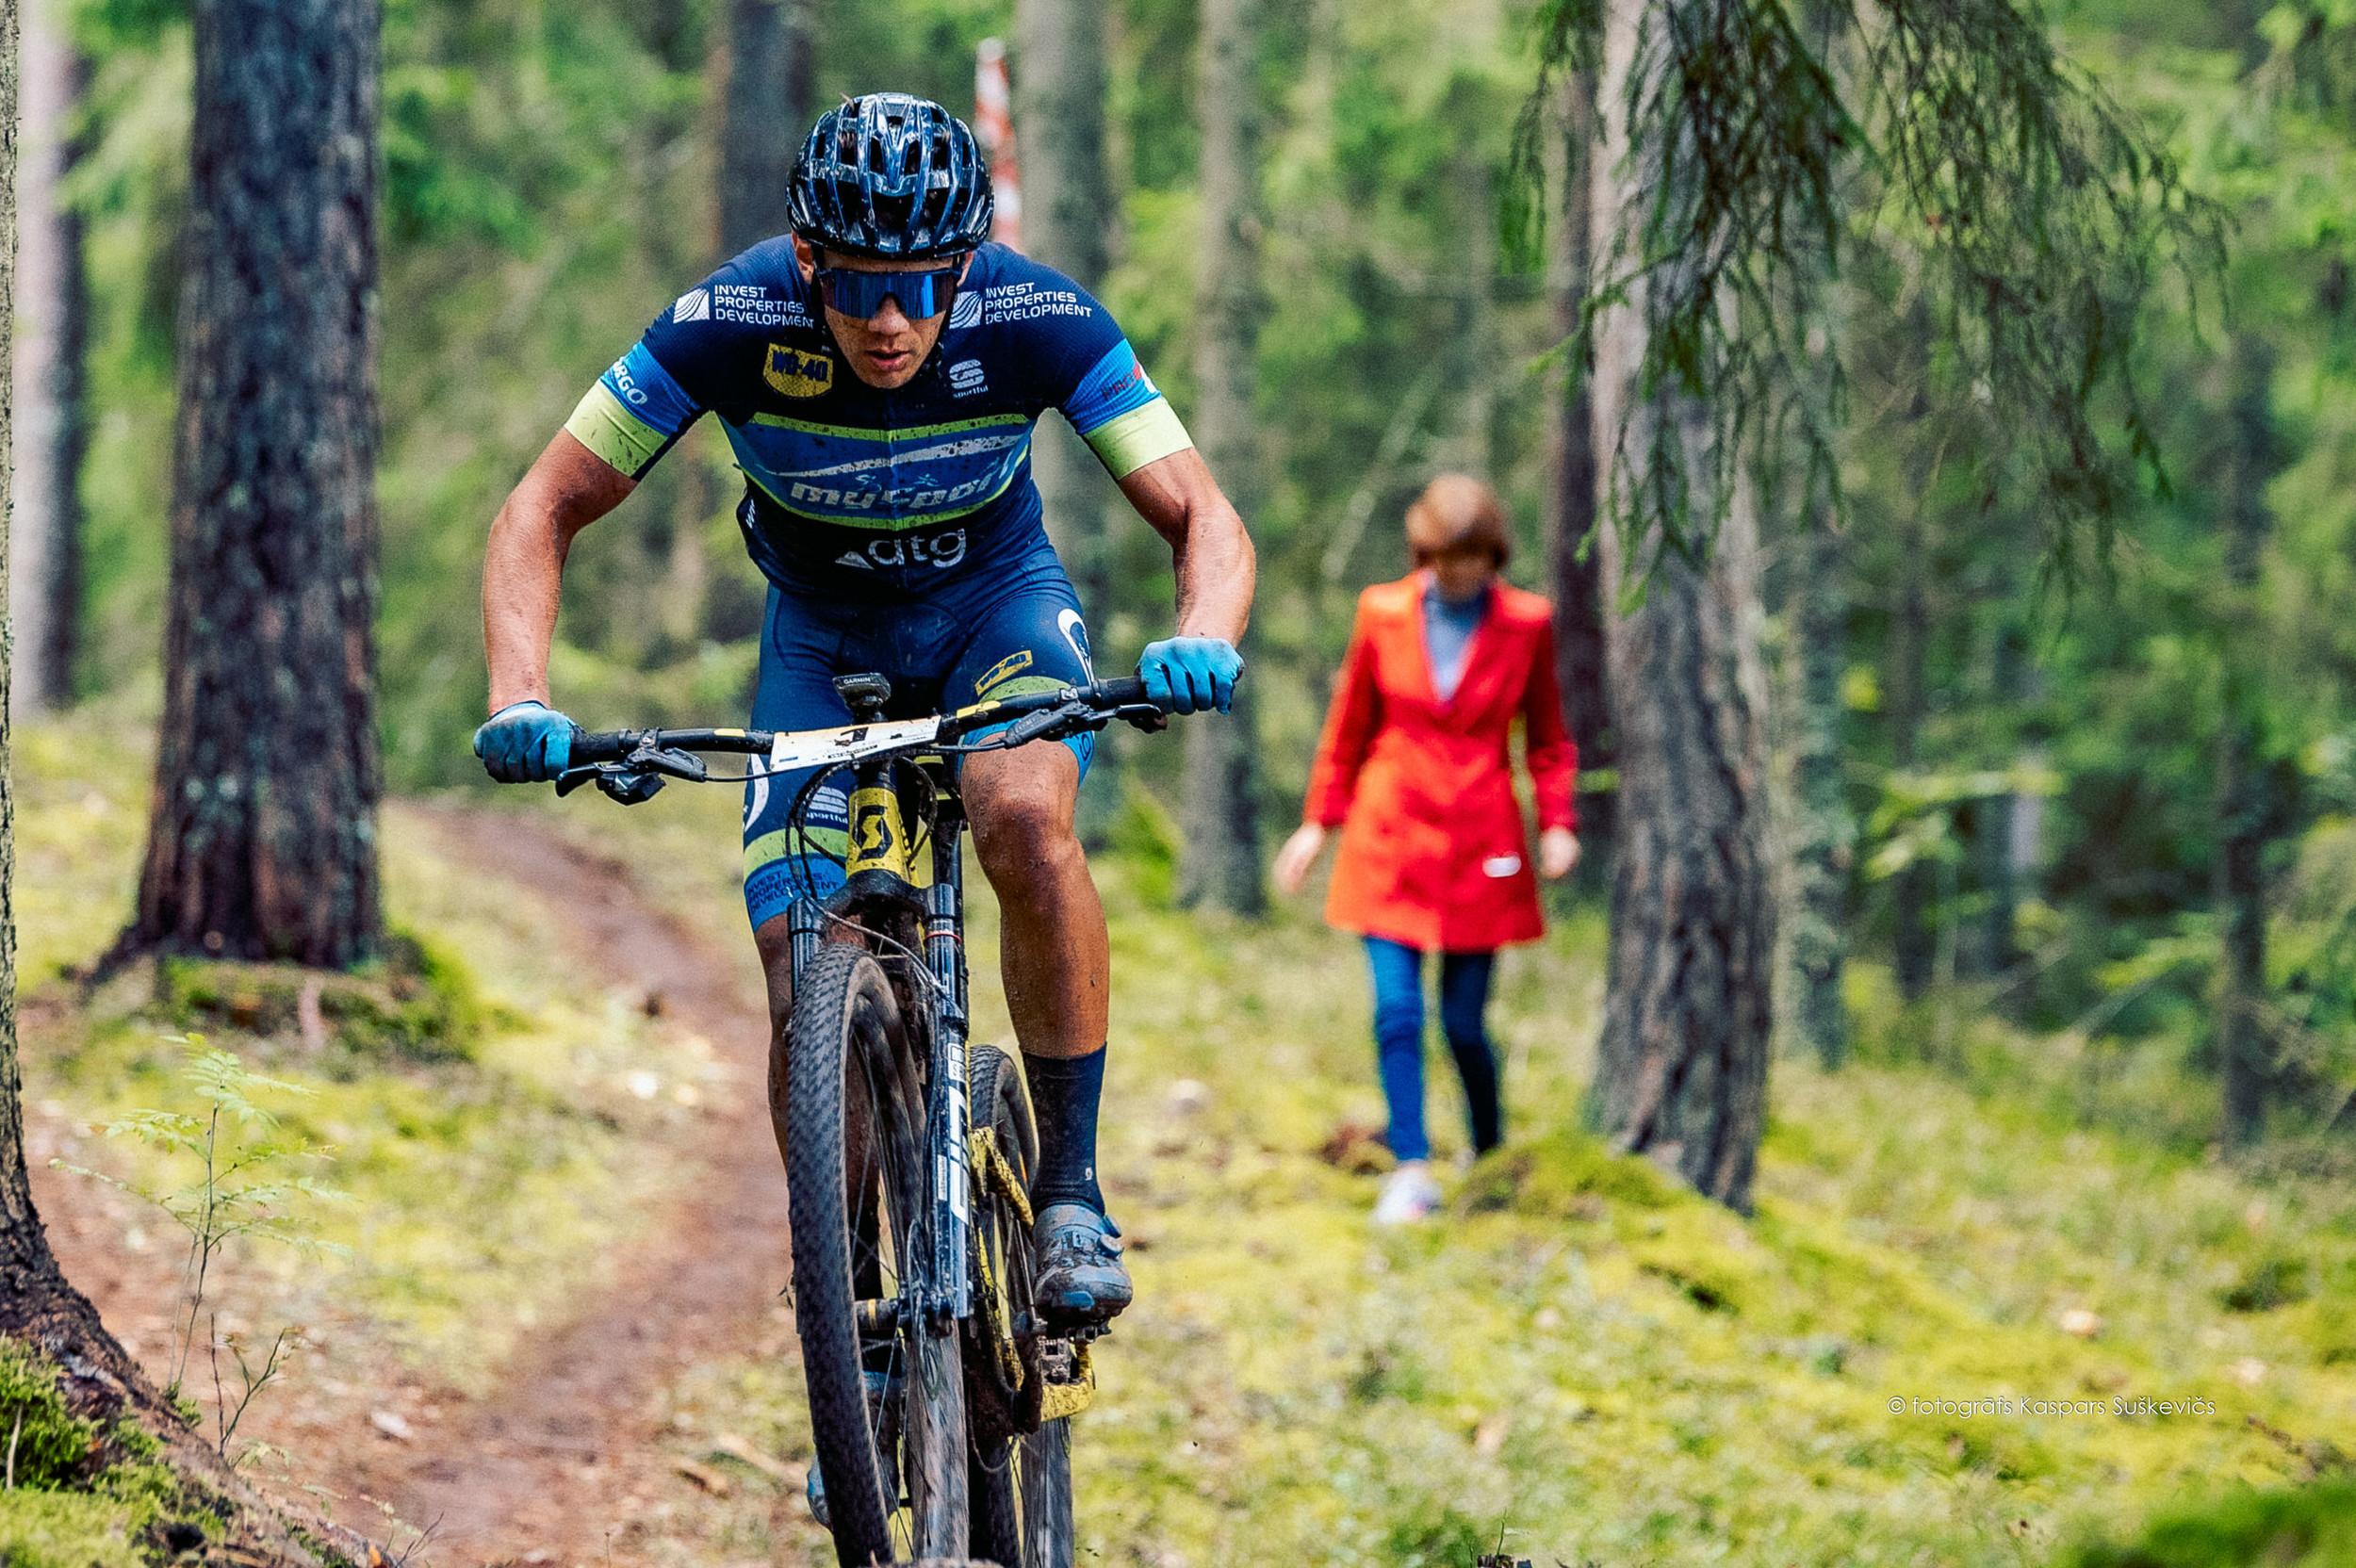 VELO EXPRESS Latvijas atklātā čempionāta MTB maratonā REZULTĀTI